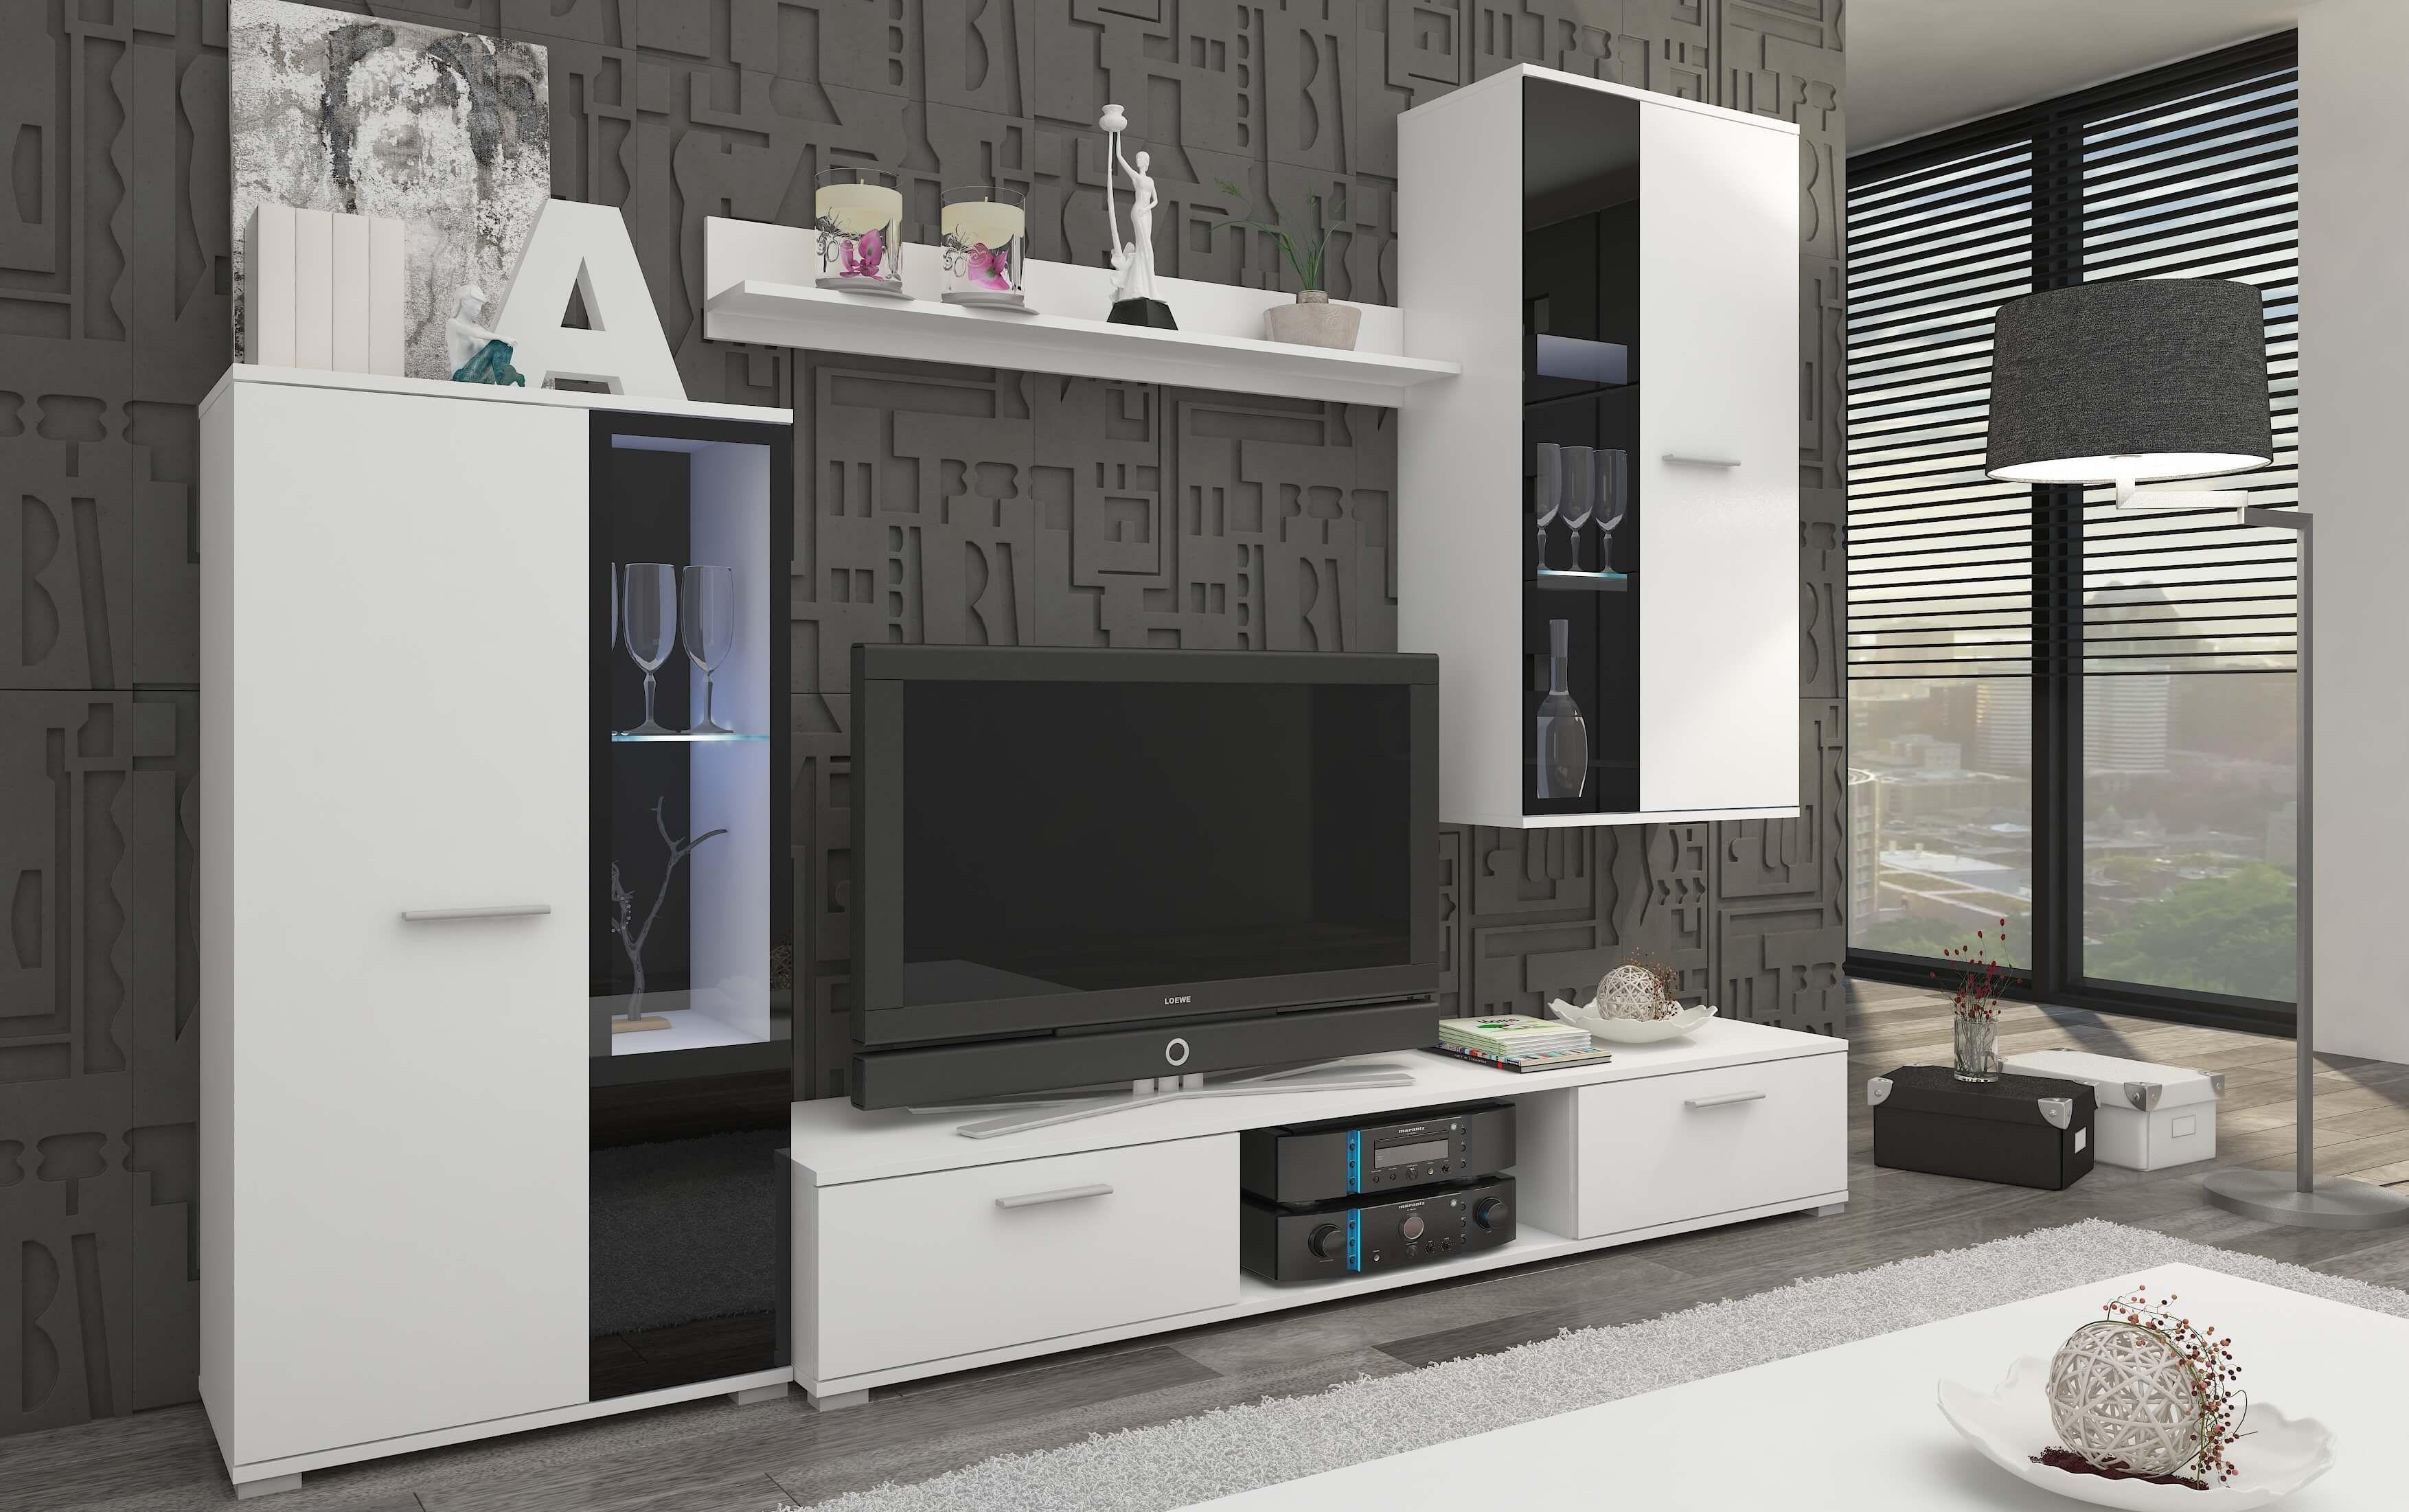 living salsa alb livingroom living room furniture wall shelves rh pinterest co uk